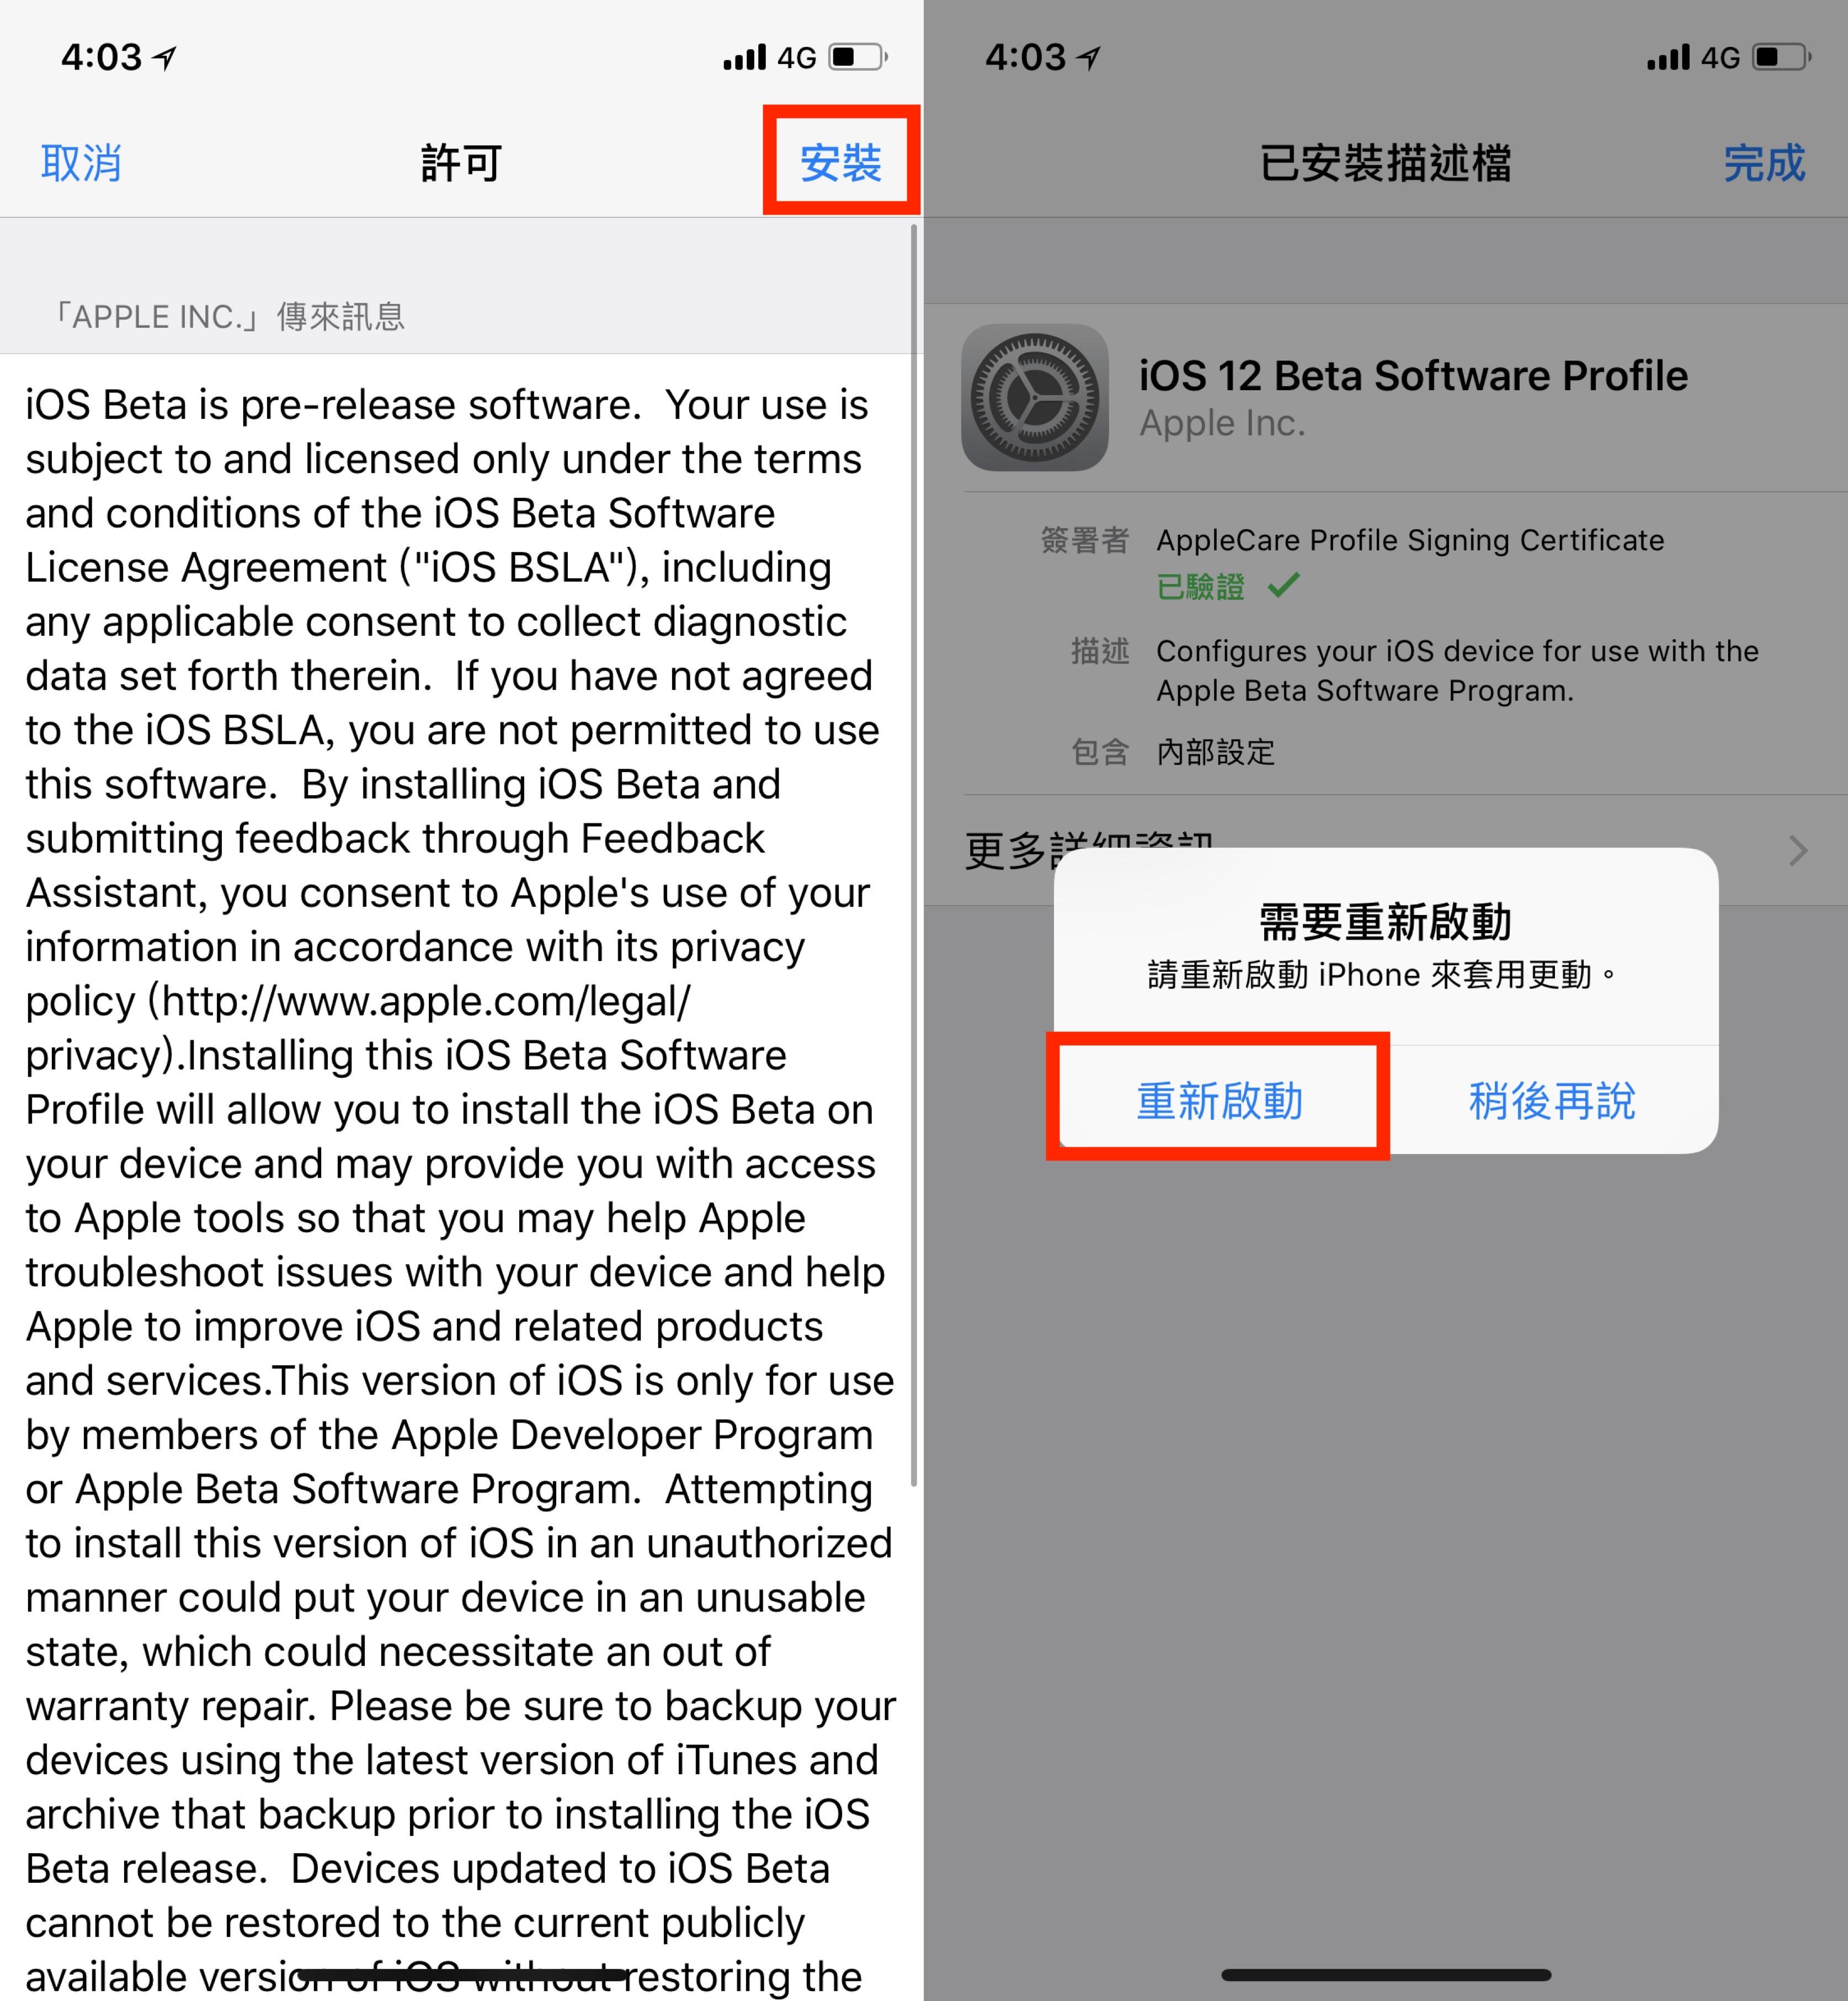 搶先體驗 iOS 12 無需開發者帳號也可以升級 5